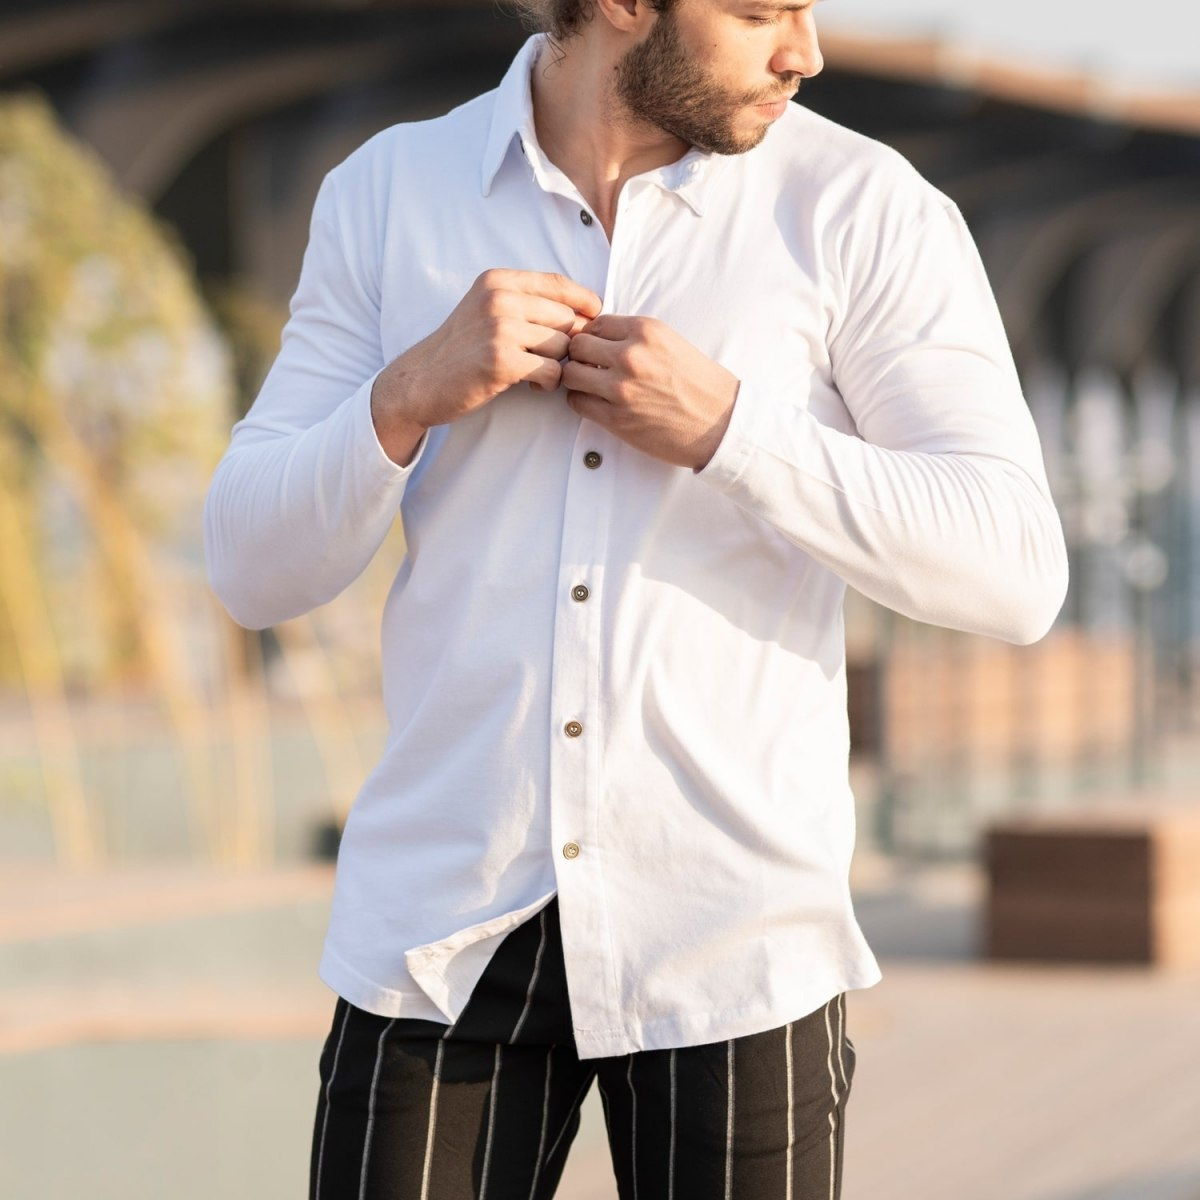 Men's Long Sleeve New Style Shirt In White Mv Premium Brand - 1